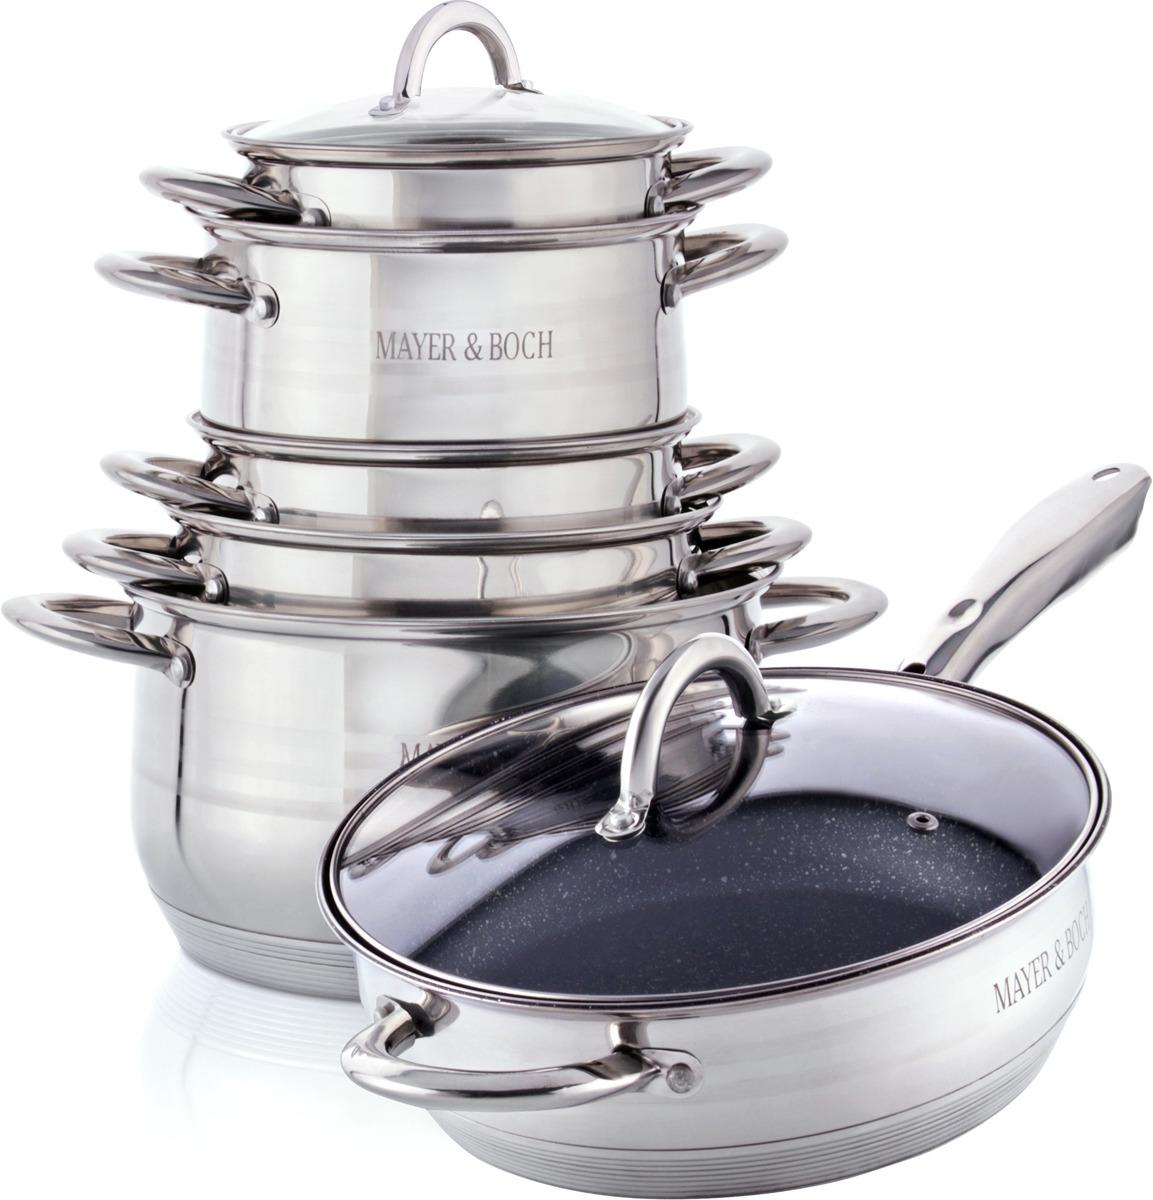 Набор посуды для приготовления пищи Mayer & Boch, 12 предметов. 27291 набор посуды mayer